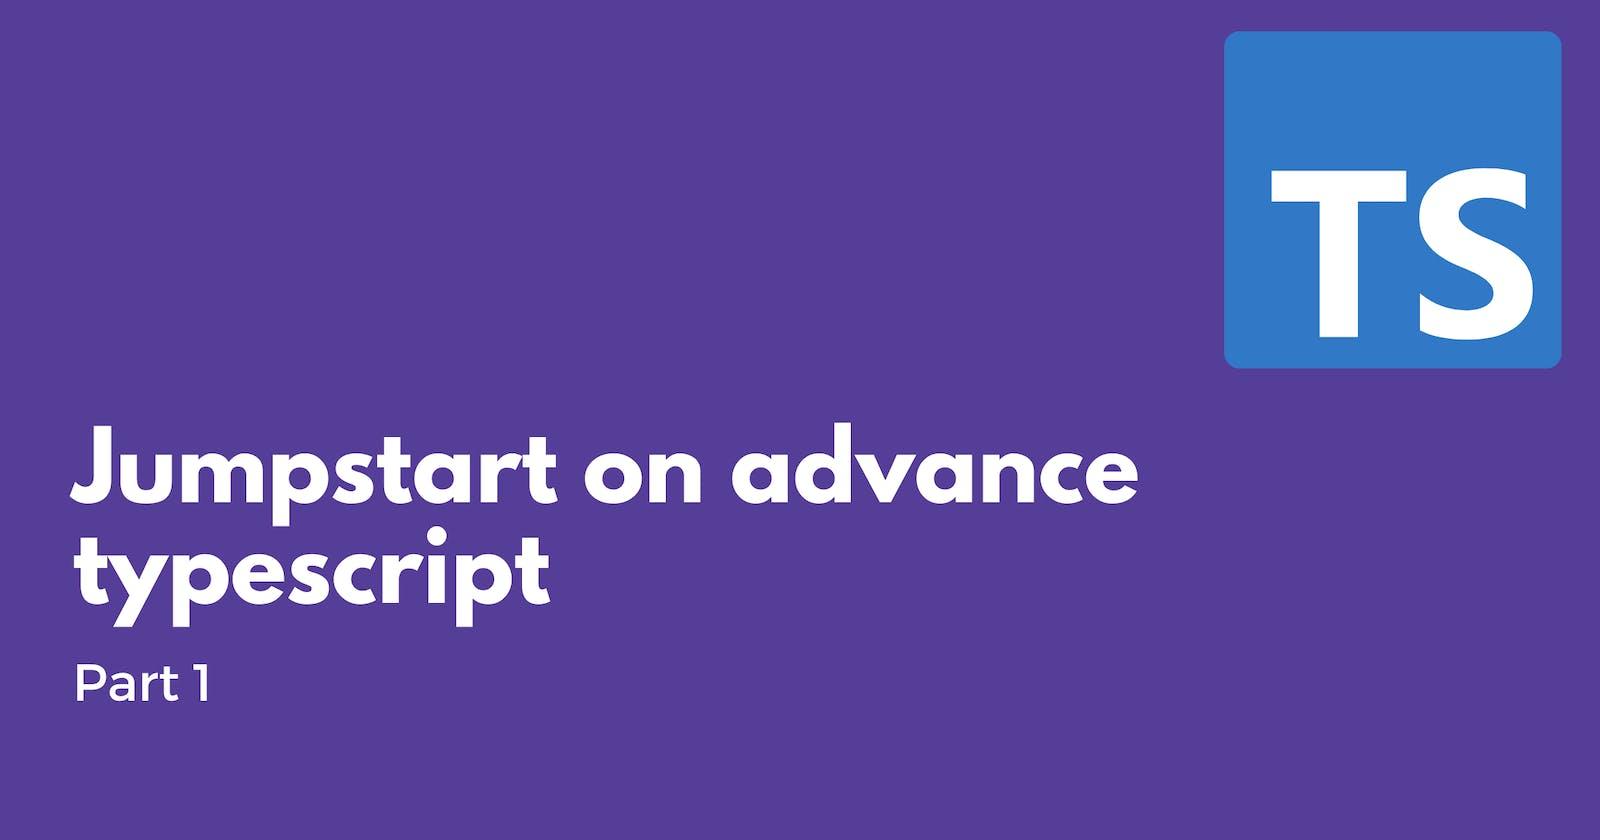 Jumpstart on advance typescript Part 1